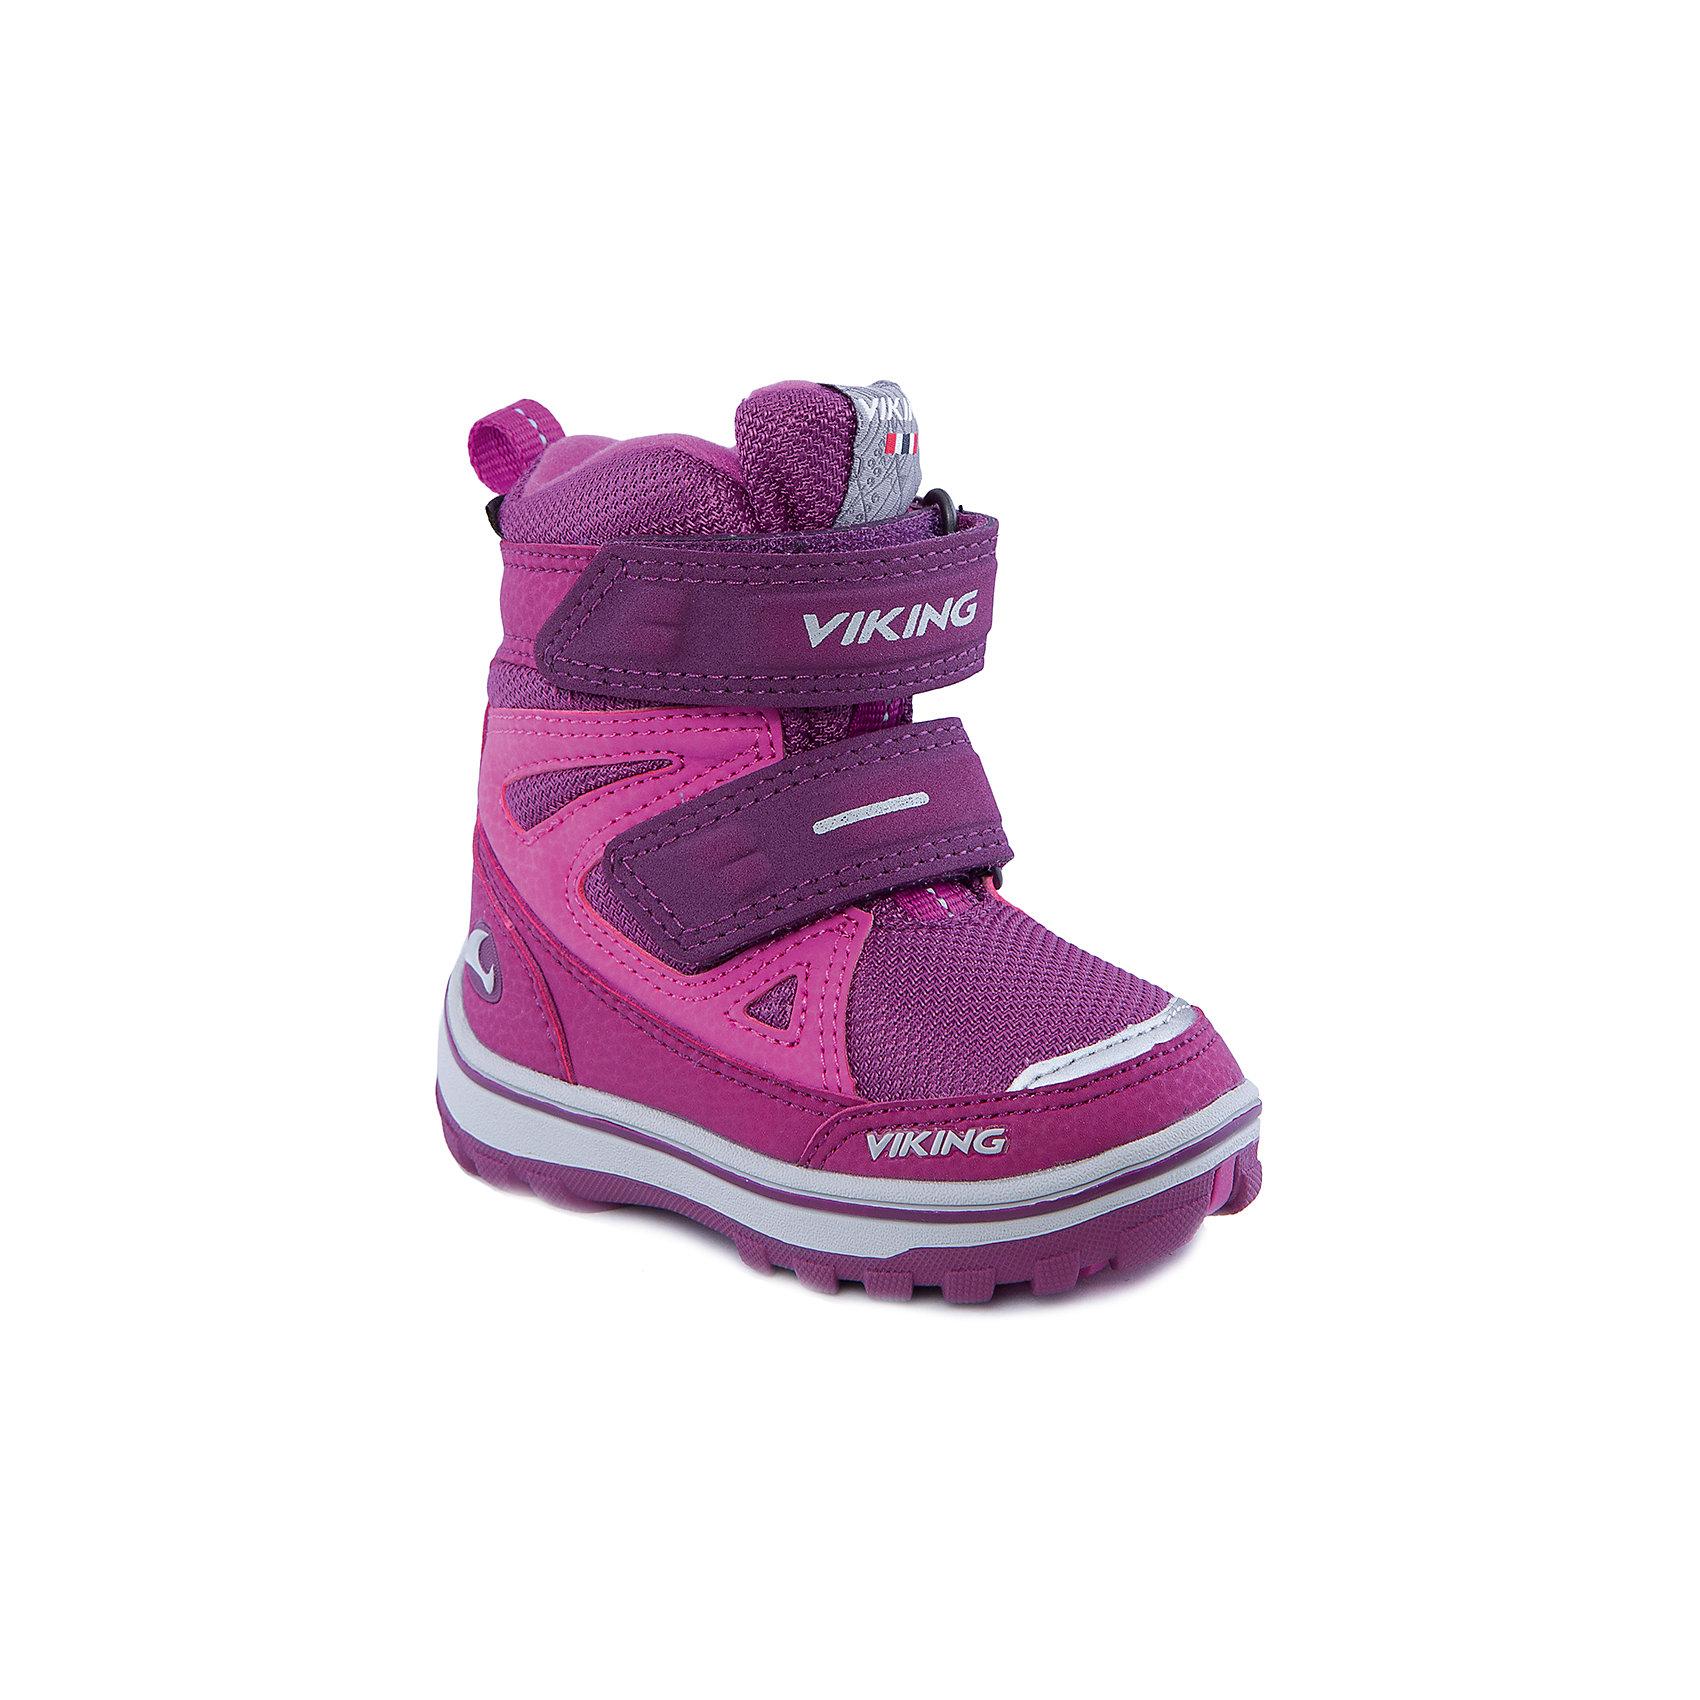 Ботинки для девочки VIKINGОбувь для малышей<br>Ботинки для девочки от популярной марки VIKING <br><br>Модные зимние ботинки сделаны по уникальной технологии. <br>Производитель обуви VIKING разработал специальную  высокотехнологичную мембрану GORE-TEX. Она добавляется в подкладку обуви и позволяют ногам оставаться сухими и теплыми. Мембрана активно отводит влагу наружу, и не дает жидкости проникать внутрь. Мембрана GORE-TEX не создает препятствий для воздуха, обеспечивая комфортные условия для детских ножек.<br><br>Отличительные особенности модели:<br><br>- цвет: темно-розовый;<br>- гибкая нескользящая подошва;<br>- утепленная стелька;<br>- небольшой вес;<br>- усиленный носок и задник;<br>- эргономичная форма;<br>- мембрана GORE-TEX;<br>- специальная колодка для поддержания правильного положения стопы;<br>- соединенный с ботинком язычок, не дающий снегу попасть внутрь;<br>- удобный супинатор;<br>- застежки-липучки.<br><br>Дополнительная информация:<br><br>- Температурный режим: от - 30° С  до -0° С.<br><br>- Состав:<br><br>материал верха: синтетический материал, текстиль<br>материал подкладки: 80% шерсть, 20% полиэстер, мембрана GORE-TEX<br>подошва: резина<br><br>Ботинки для девочки VIKING (Викинг) можно купить в нашем магазине.<br><br>Ширина мм: 262<br>Глубина мм: 176<br>Высота мм: 97<br>Вес г: 427<br>Цвет: фиолетовый<br>Возраст от месяцев: 12<br>Возраст до месяцев: 15<br>Пол: Женский<br>Возраст: Детский<br>Размер: 21,29,28,27,25,23,22,20,26,24<br>SKU: 4279276